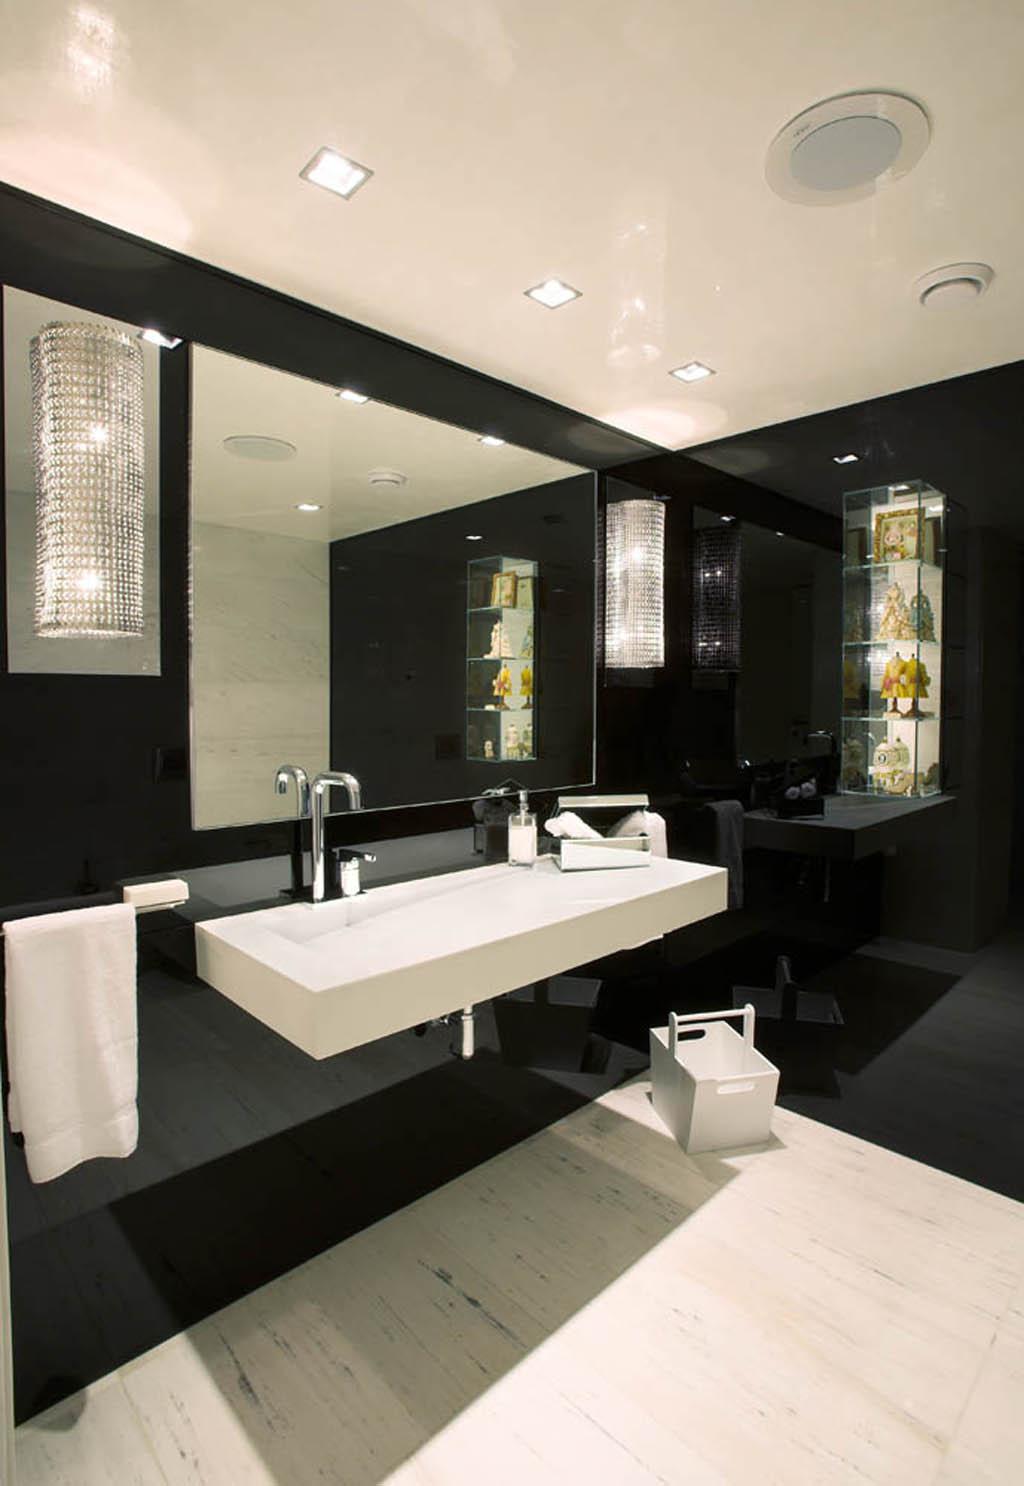 Nesse banheiro a cor preta predomina. Os destaques ficaram para a cor  #A48327 1024x1486 Banheiro Branco Com Bancada Preta